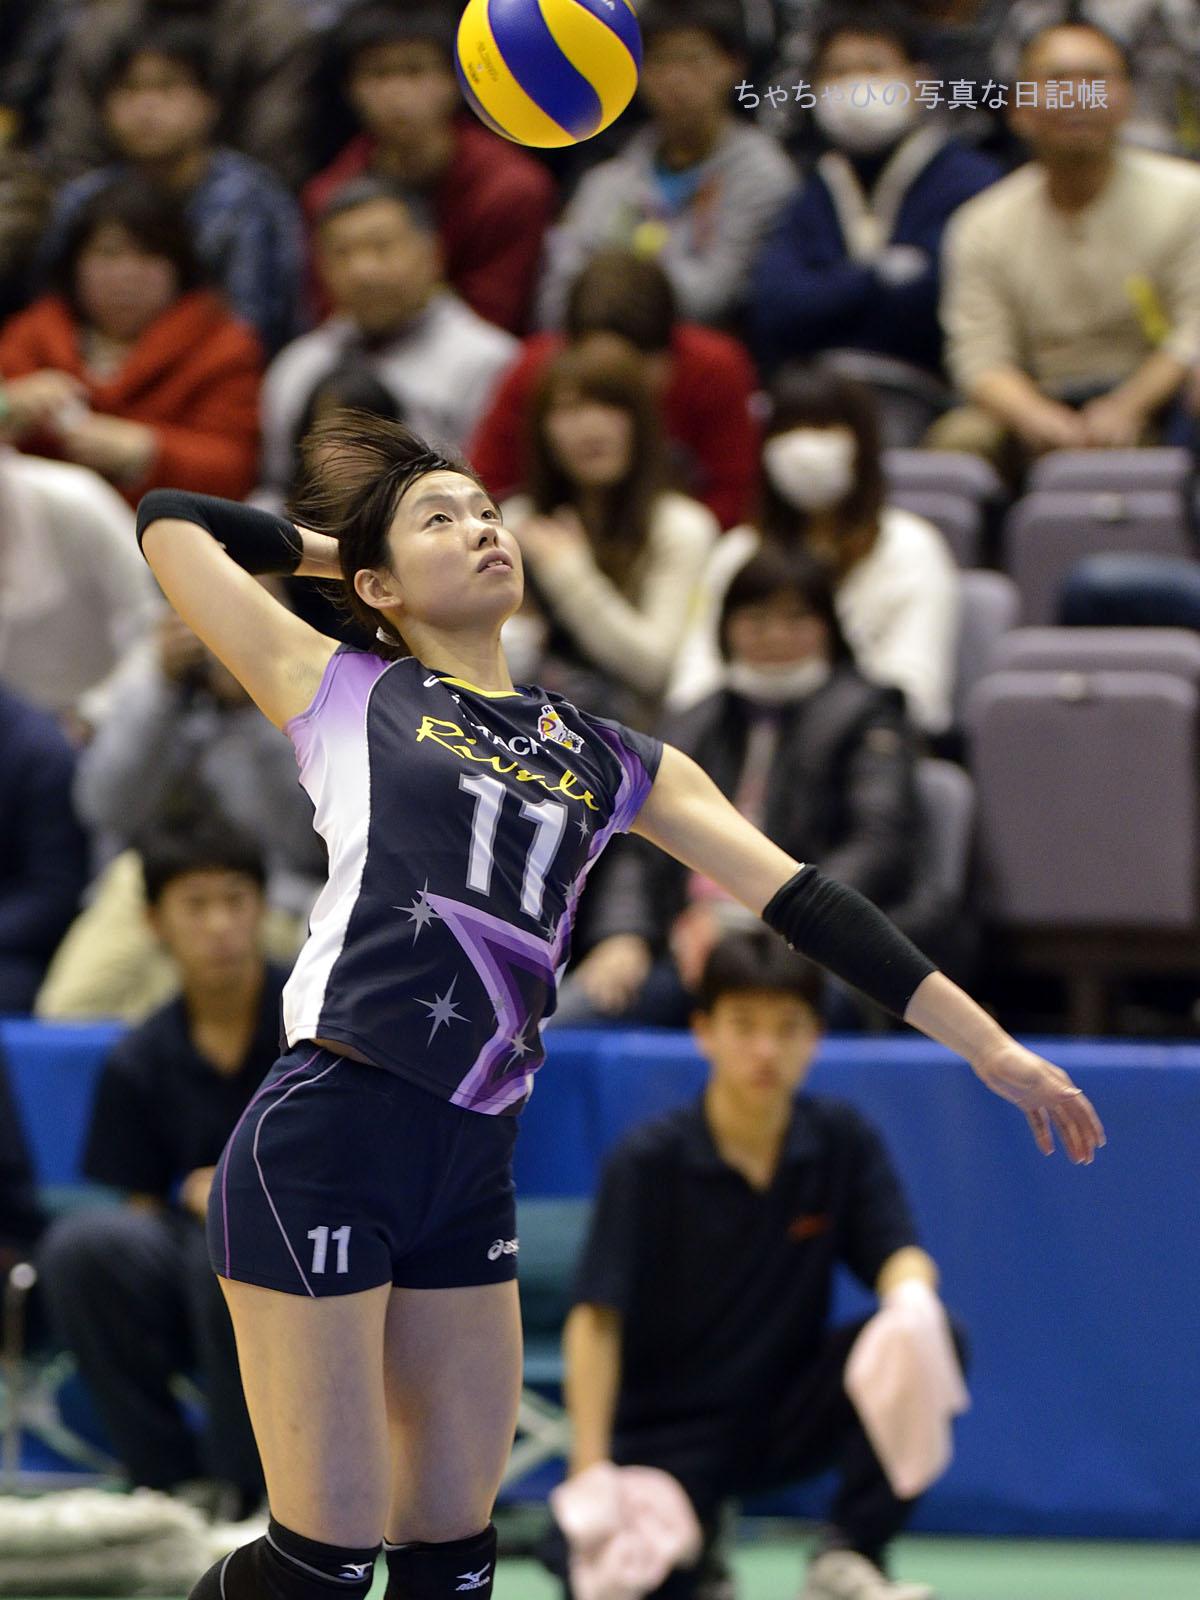 髙橋沙織選手